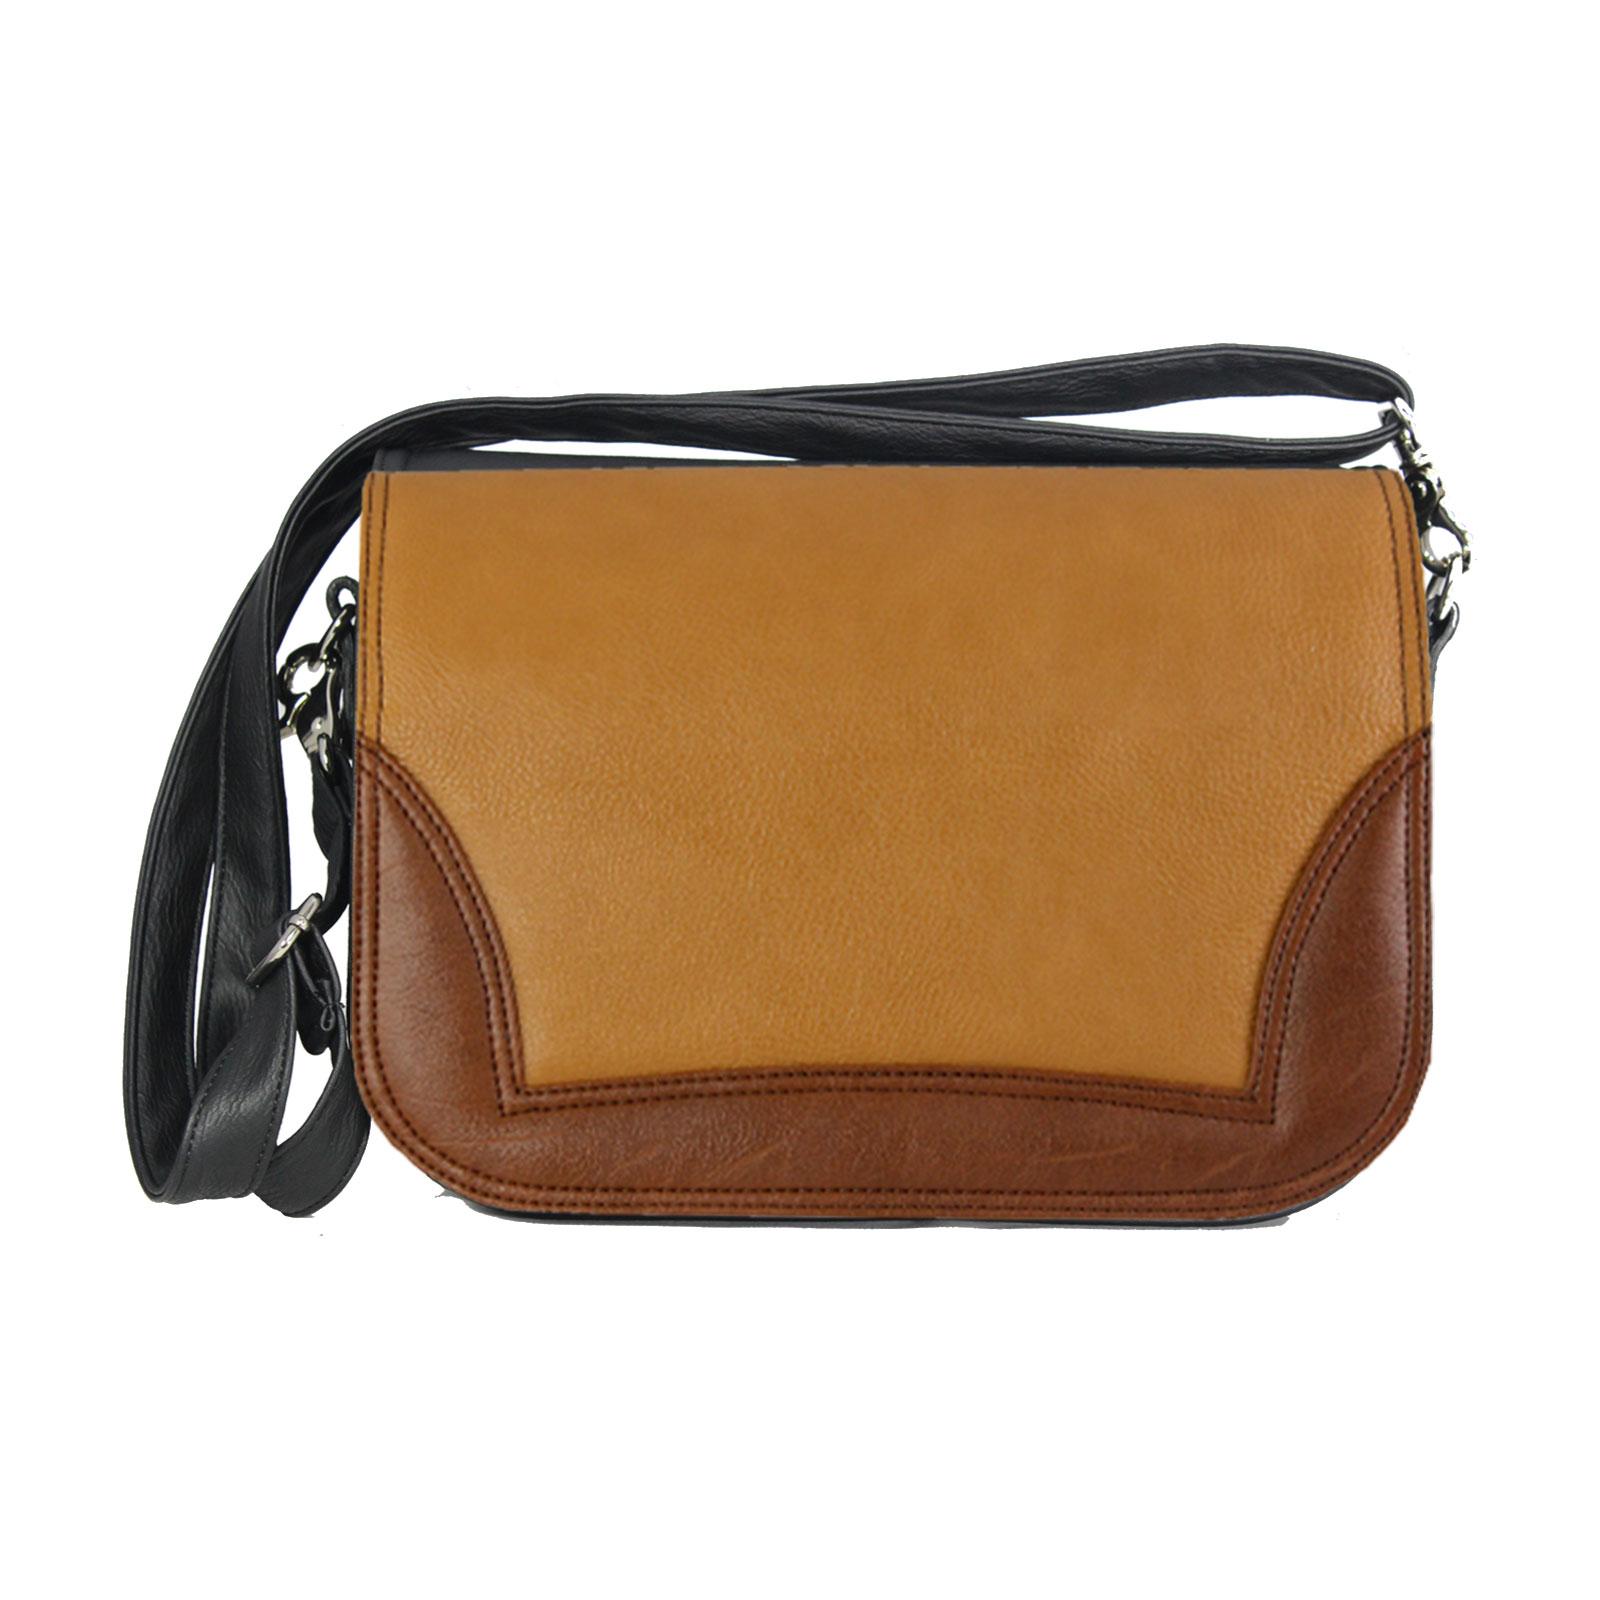 Damenhandtasche im warmen Braunton und Dunkelbrauen Seitenelement